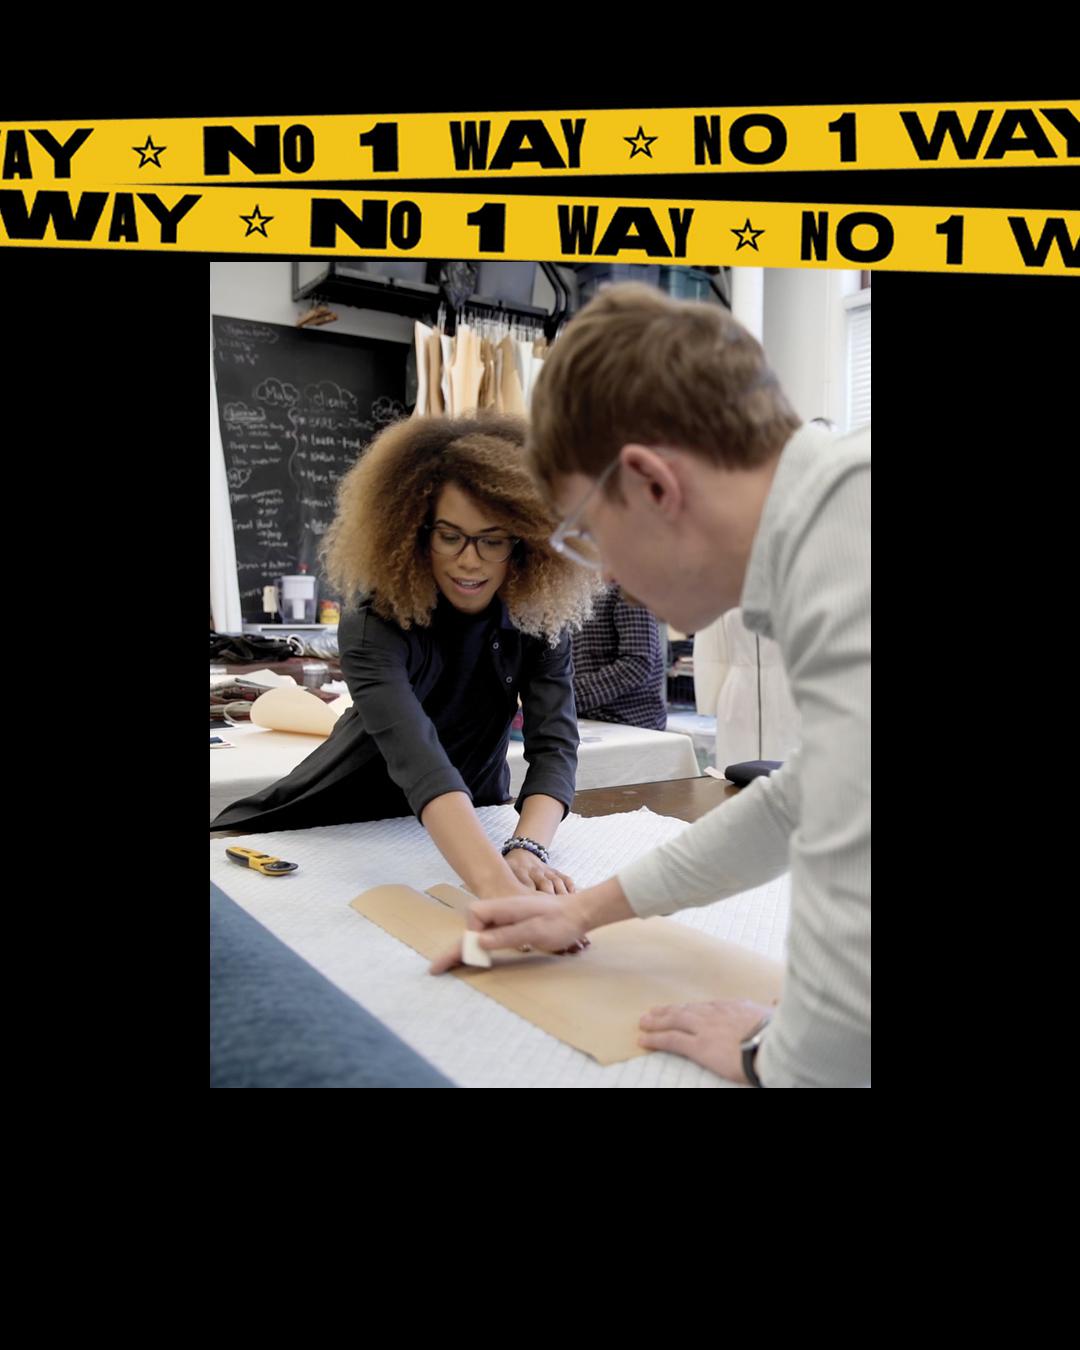 No 1 Way Design Program